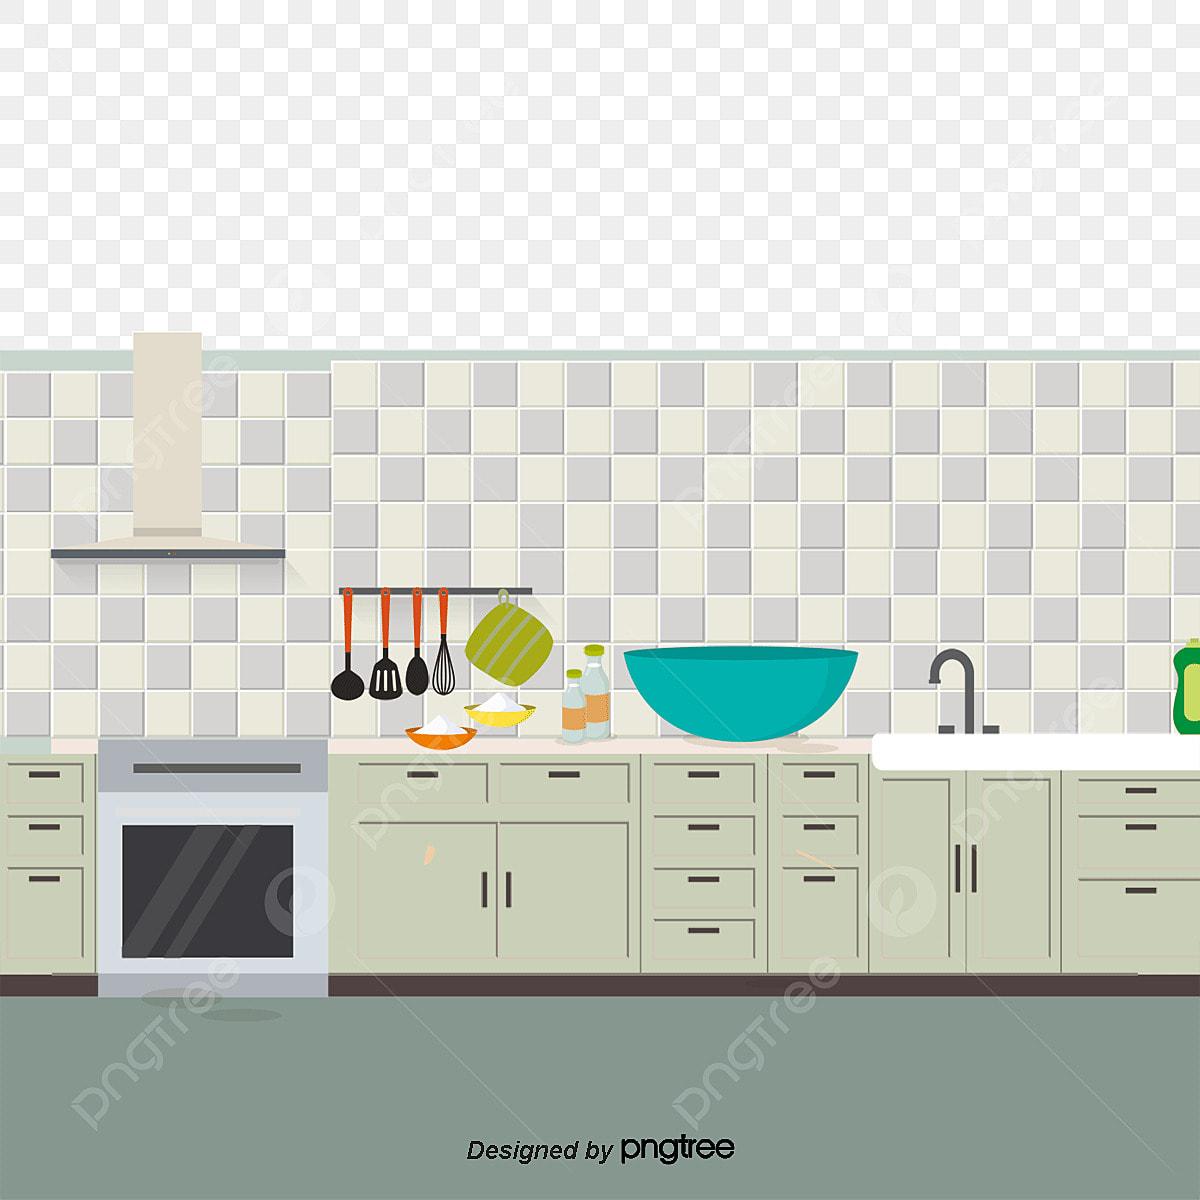 Cocina Cocina El Diseño De La Cocina Refrigerador PNG y Vector para ...